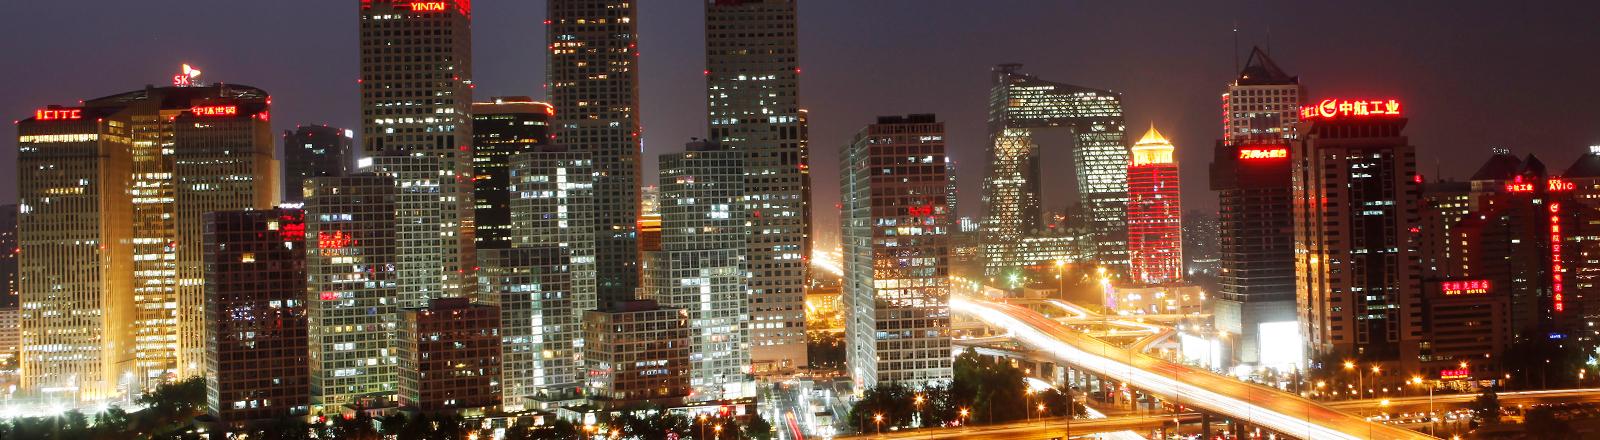 Peking bei Nacht.